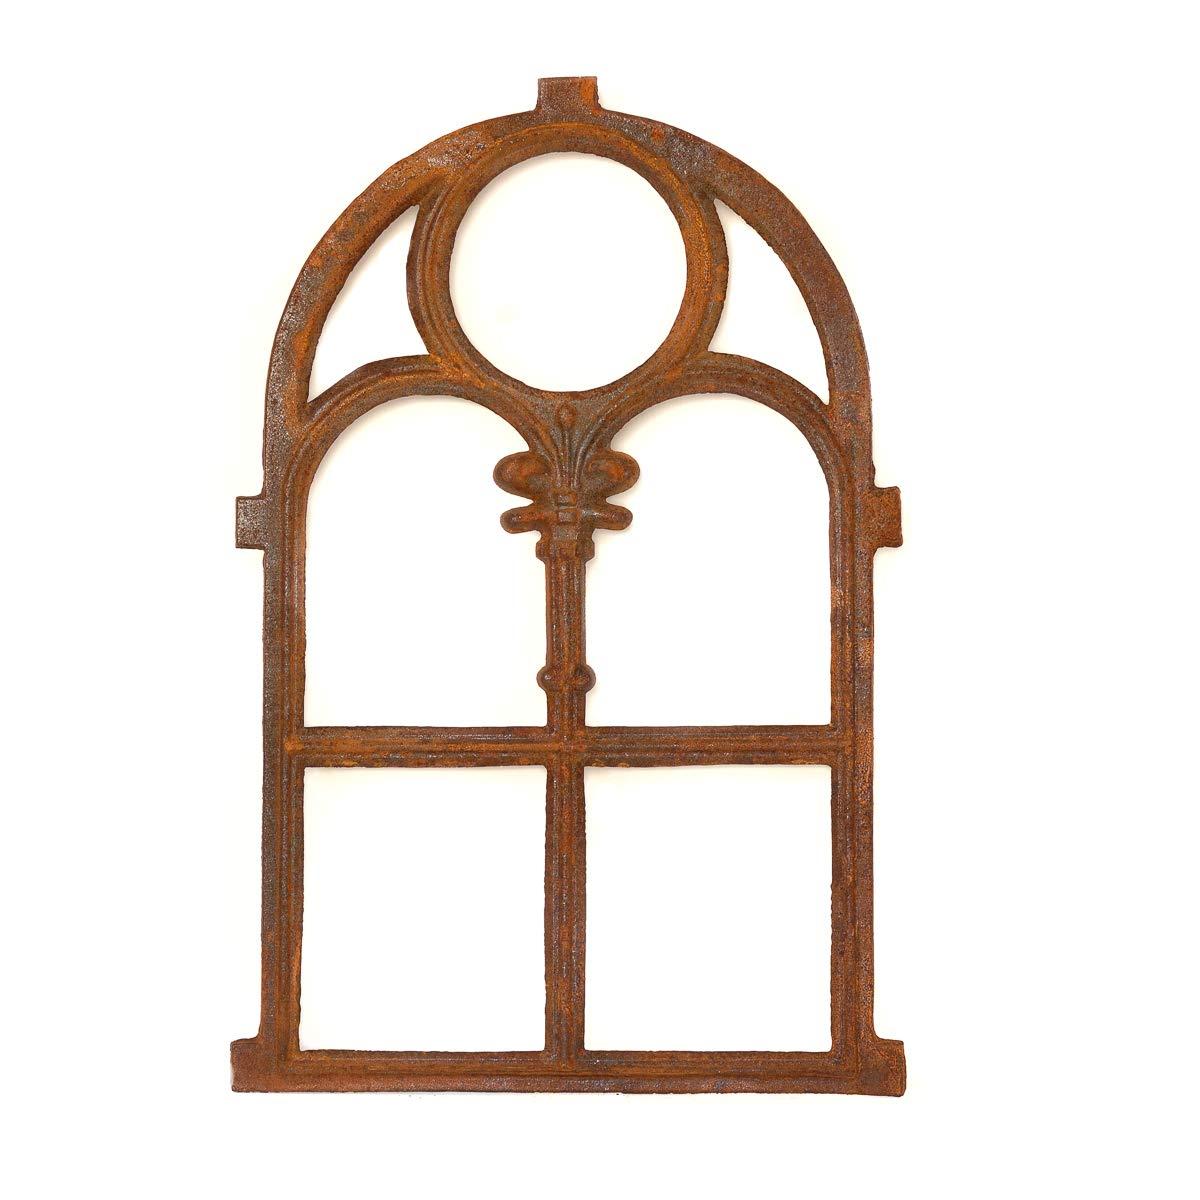 Antikas Stallfenster aus Gusseisen in Antik Optik   ca. 72,5 x 45,5 cm  Eisenfenster fü r Gartenmauer (rostig), rustikaler Look, Kirchenfenster